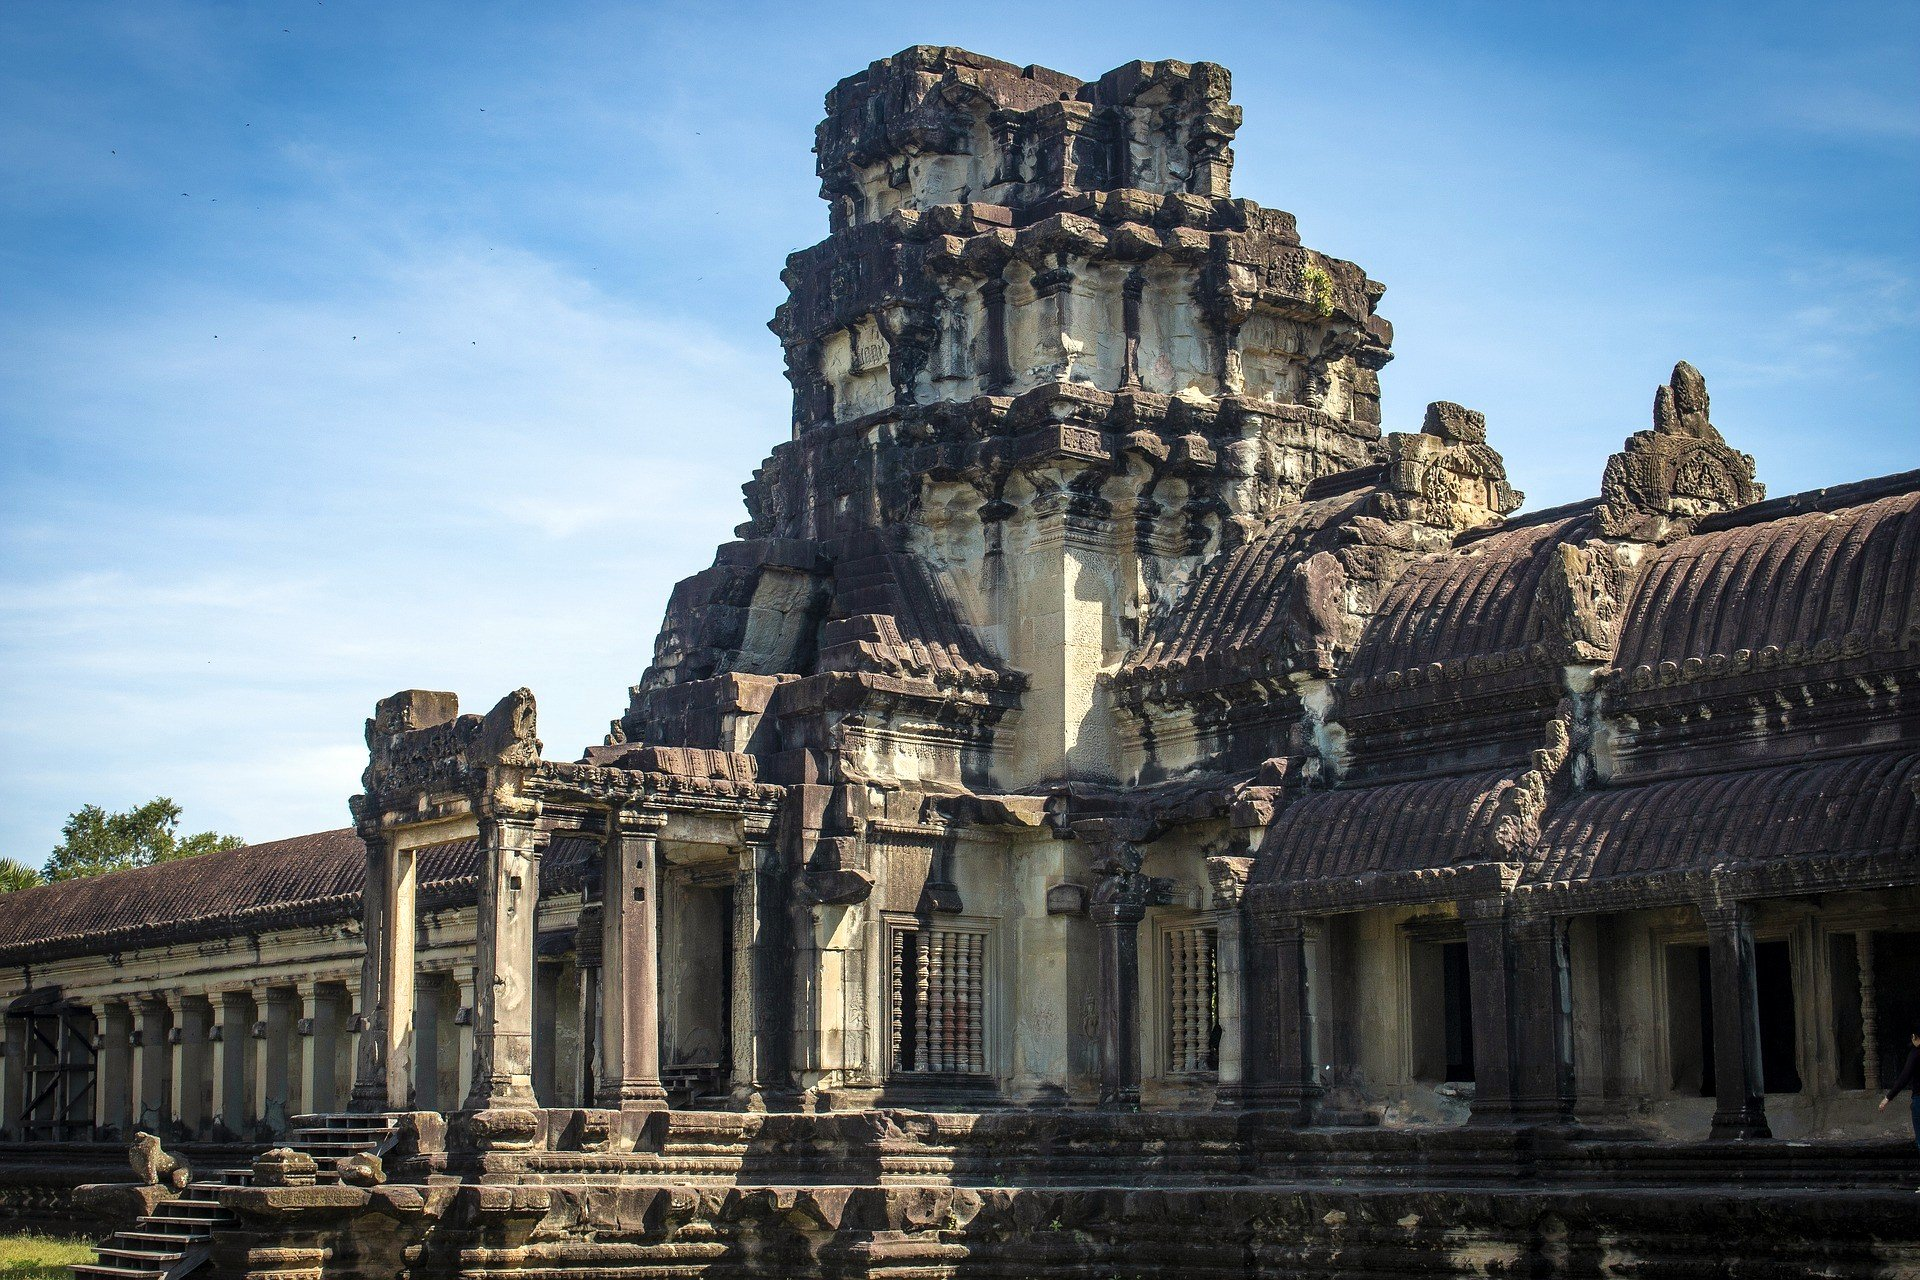 Siem Reap is near Angkor Wat